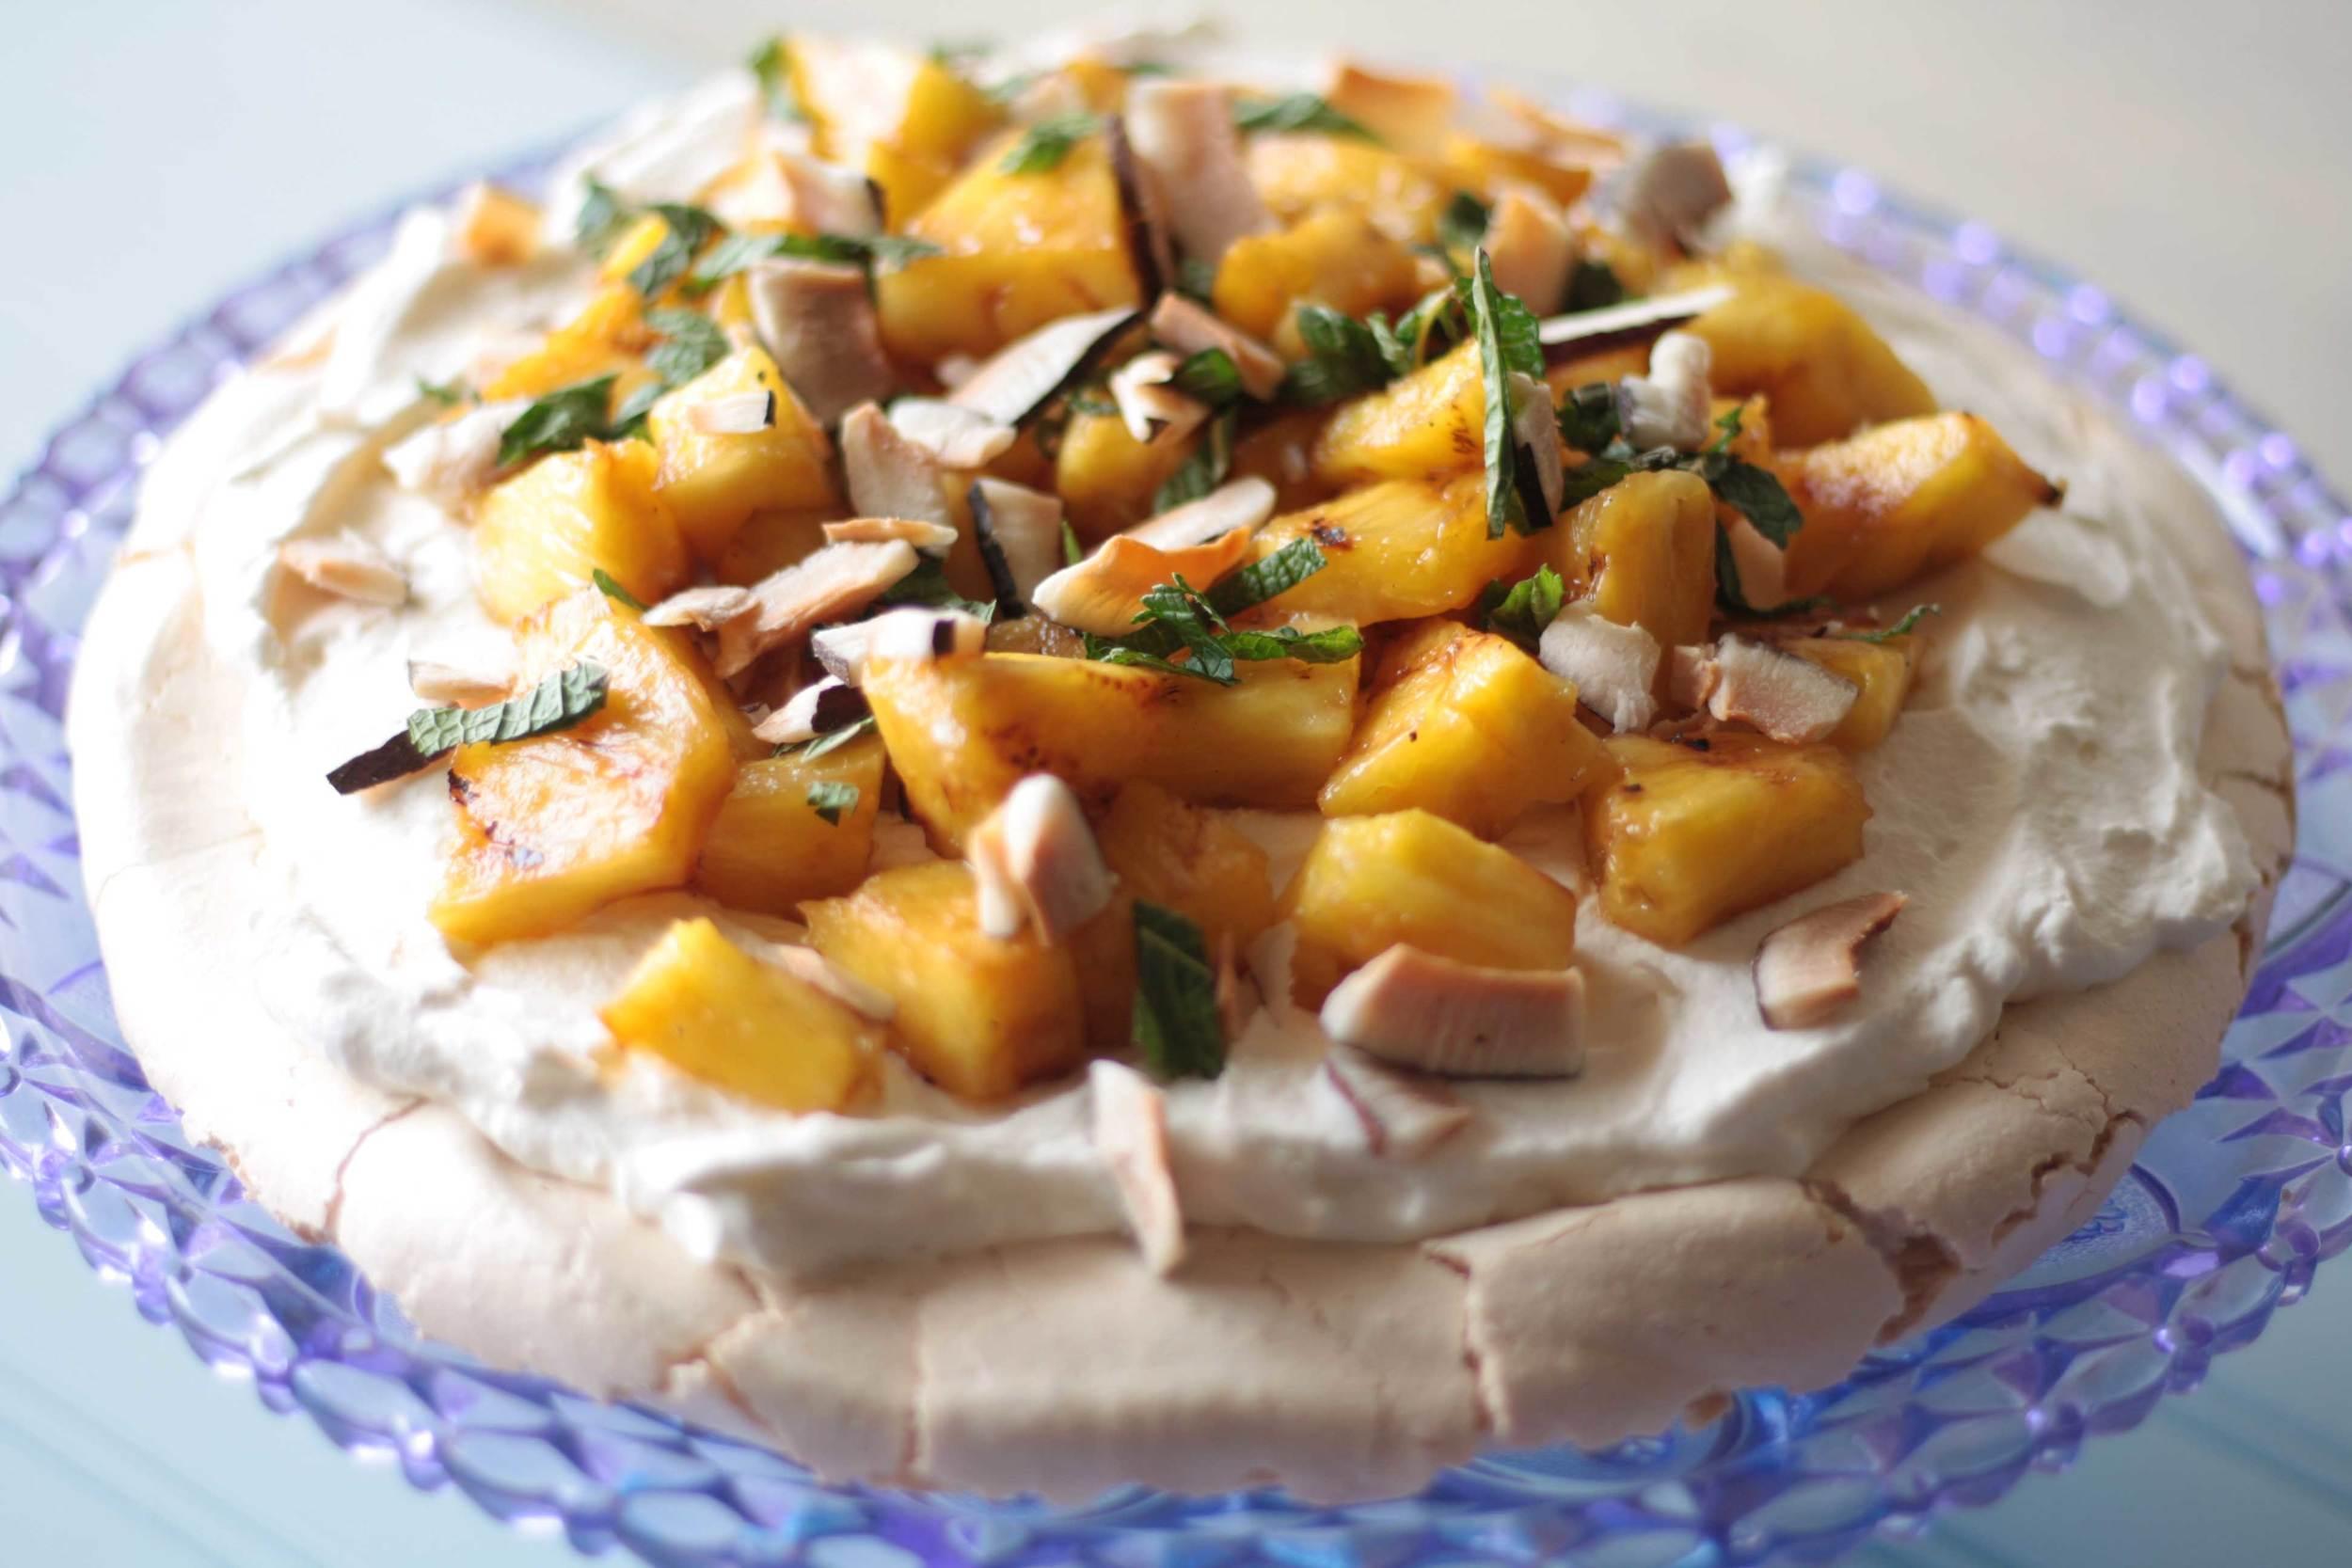 Grilled Pineapple Pavlova